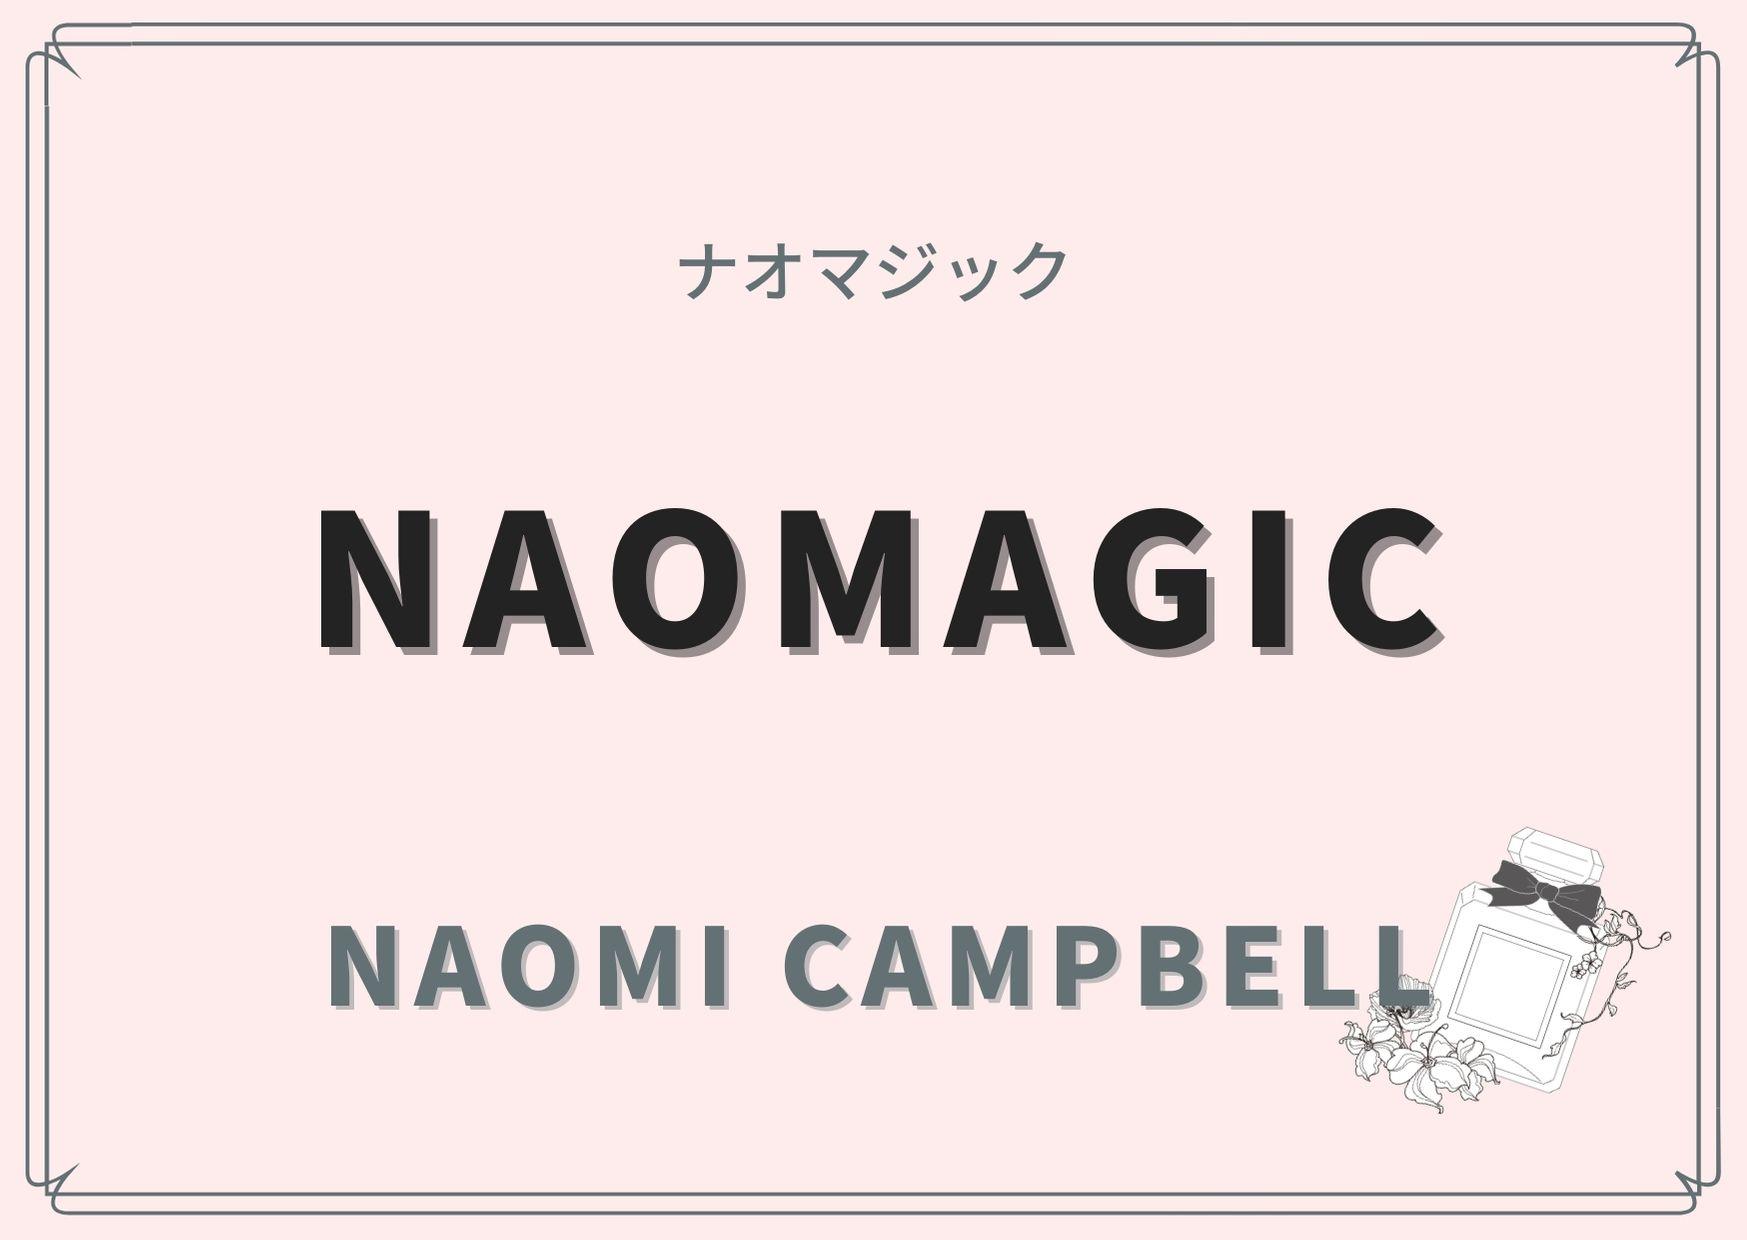 NAOMAGIC(ナオマジック)/NAOMI CAMPBELL(ナオミ キャンベル)